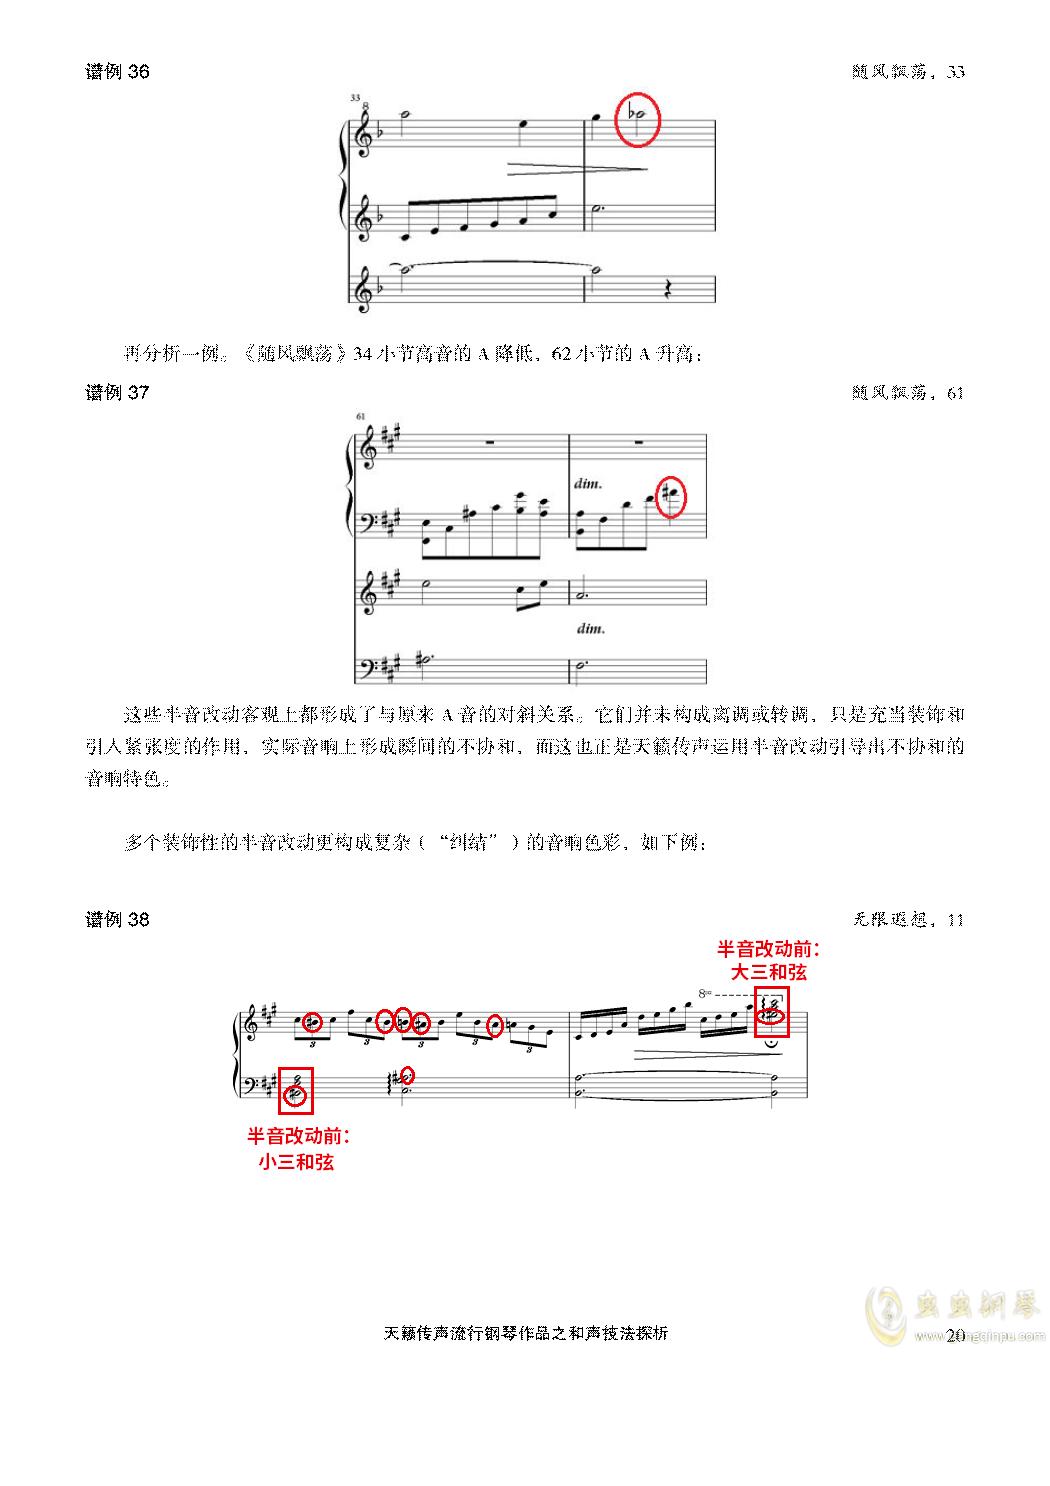 天籁传声和声技法探析澳门星际官网 第20页